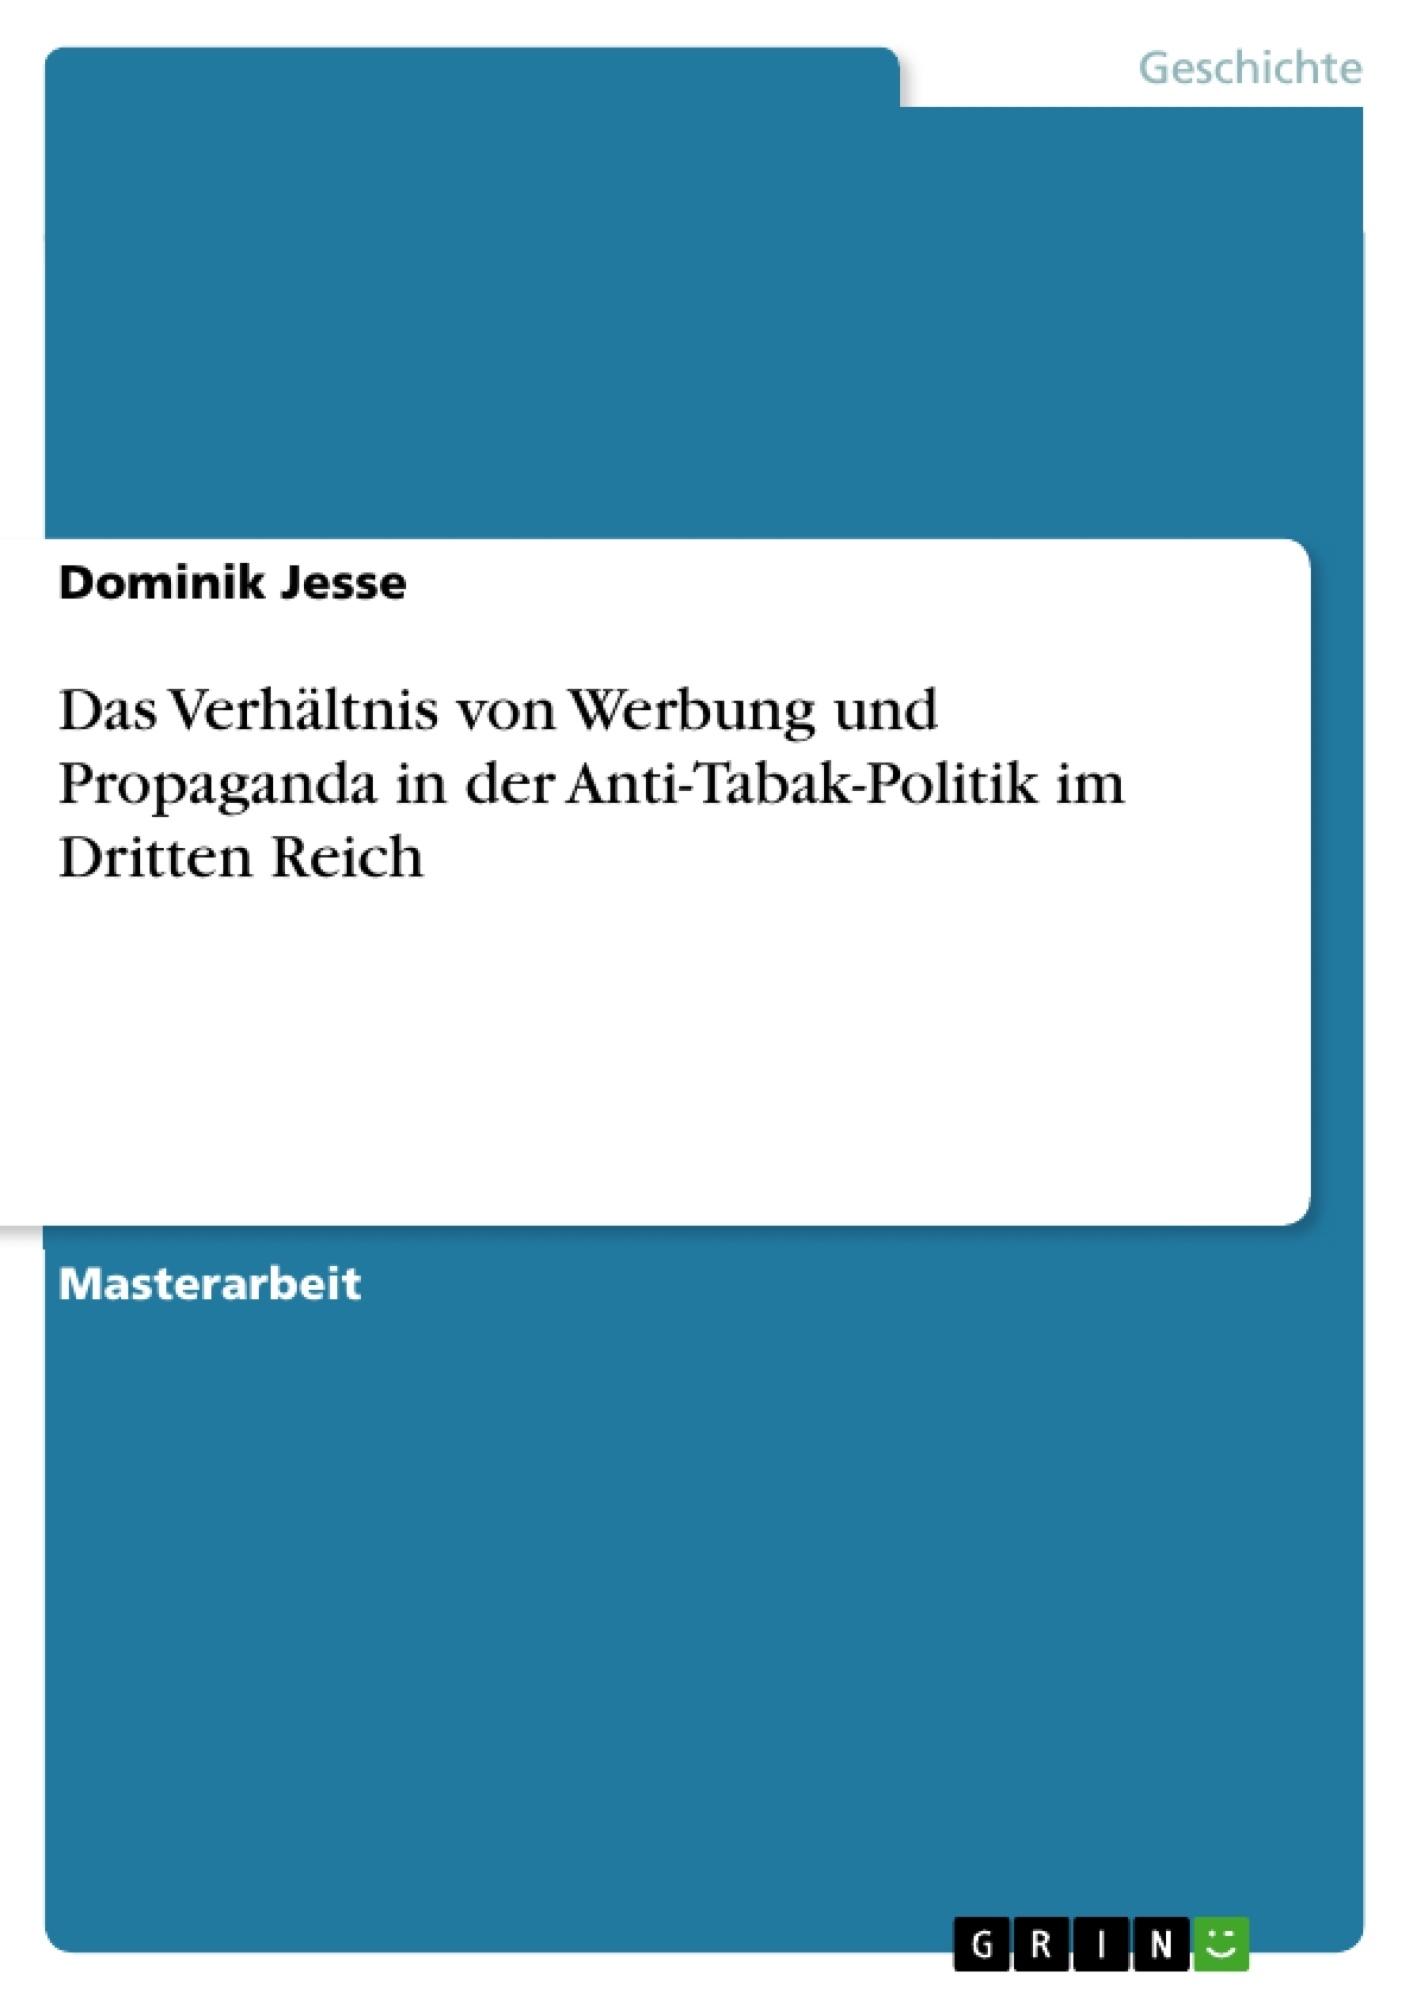 Titel: Das Verhältnis von Werbung und Propaganda in der Anti-Tabak-Politik im Dritten Reich